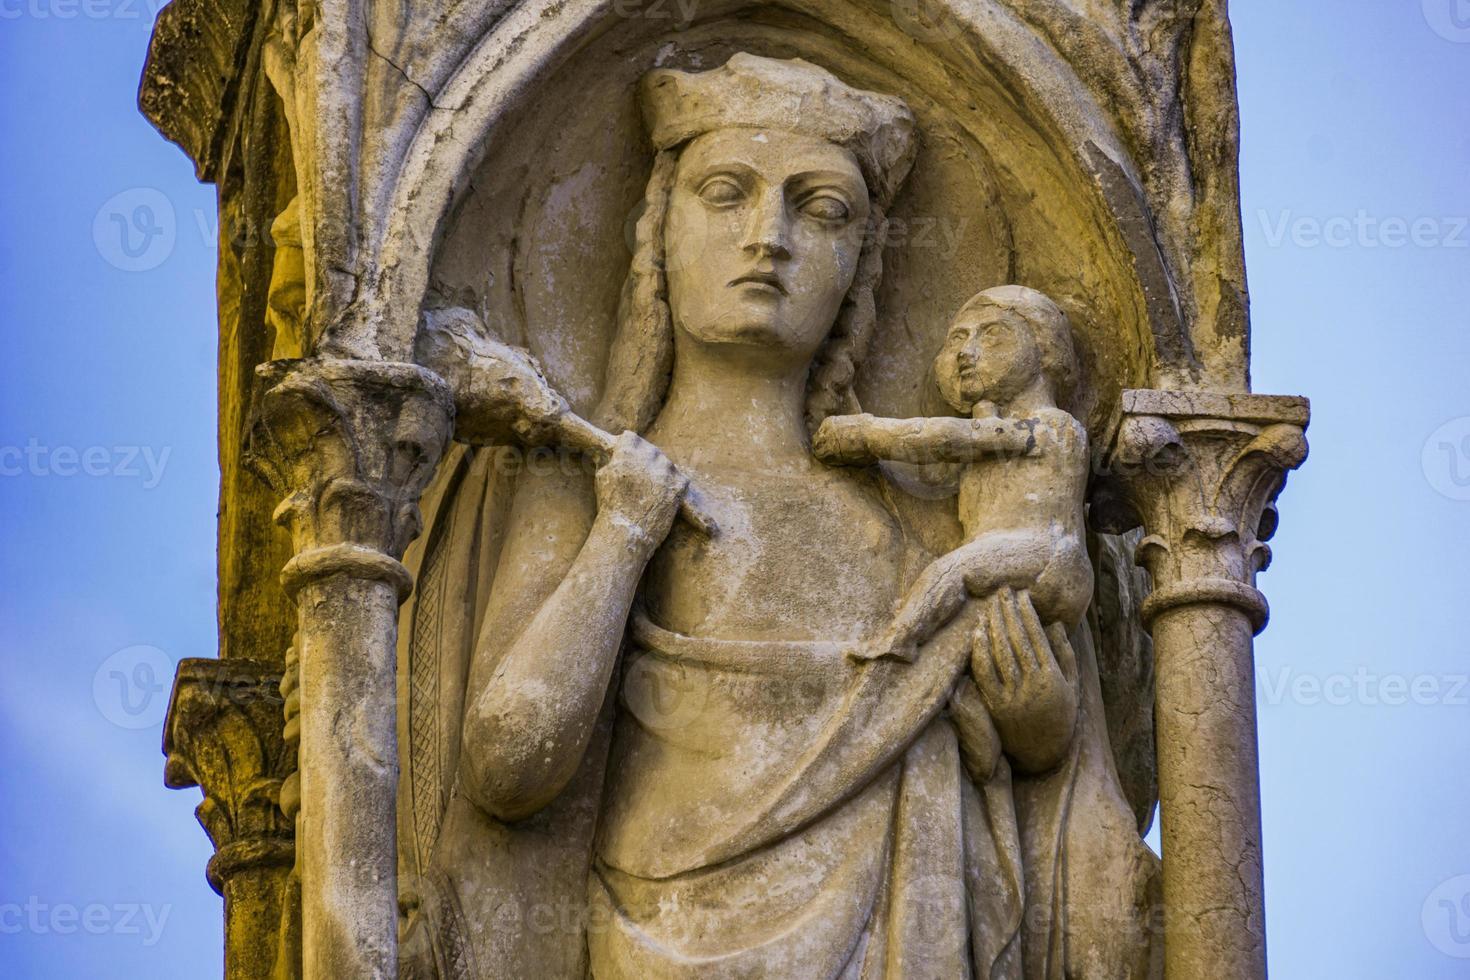 Statue de la Vierge Marie avec bébé Jésus sur la Piazza Bra à Vérone, Italie photo